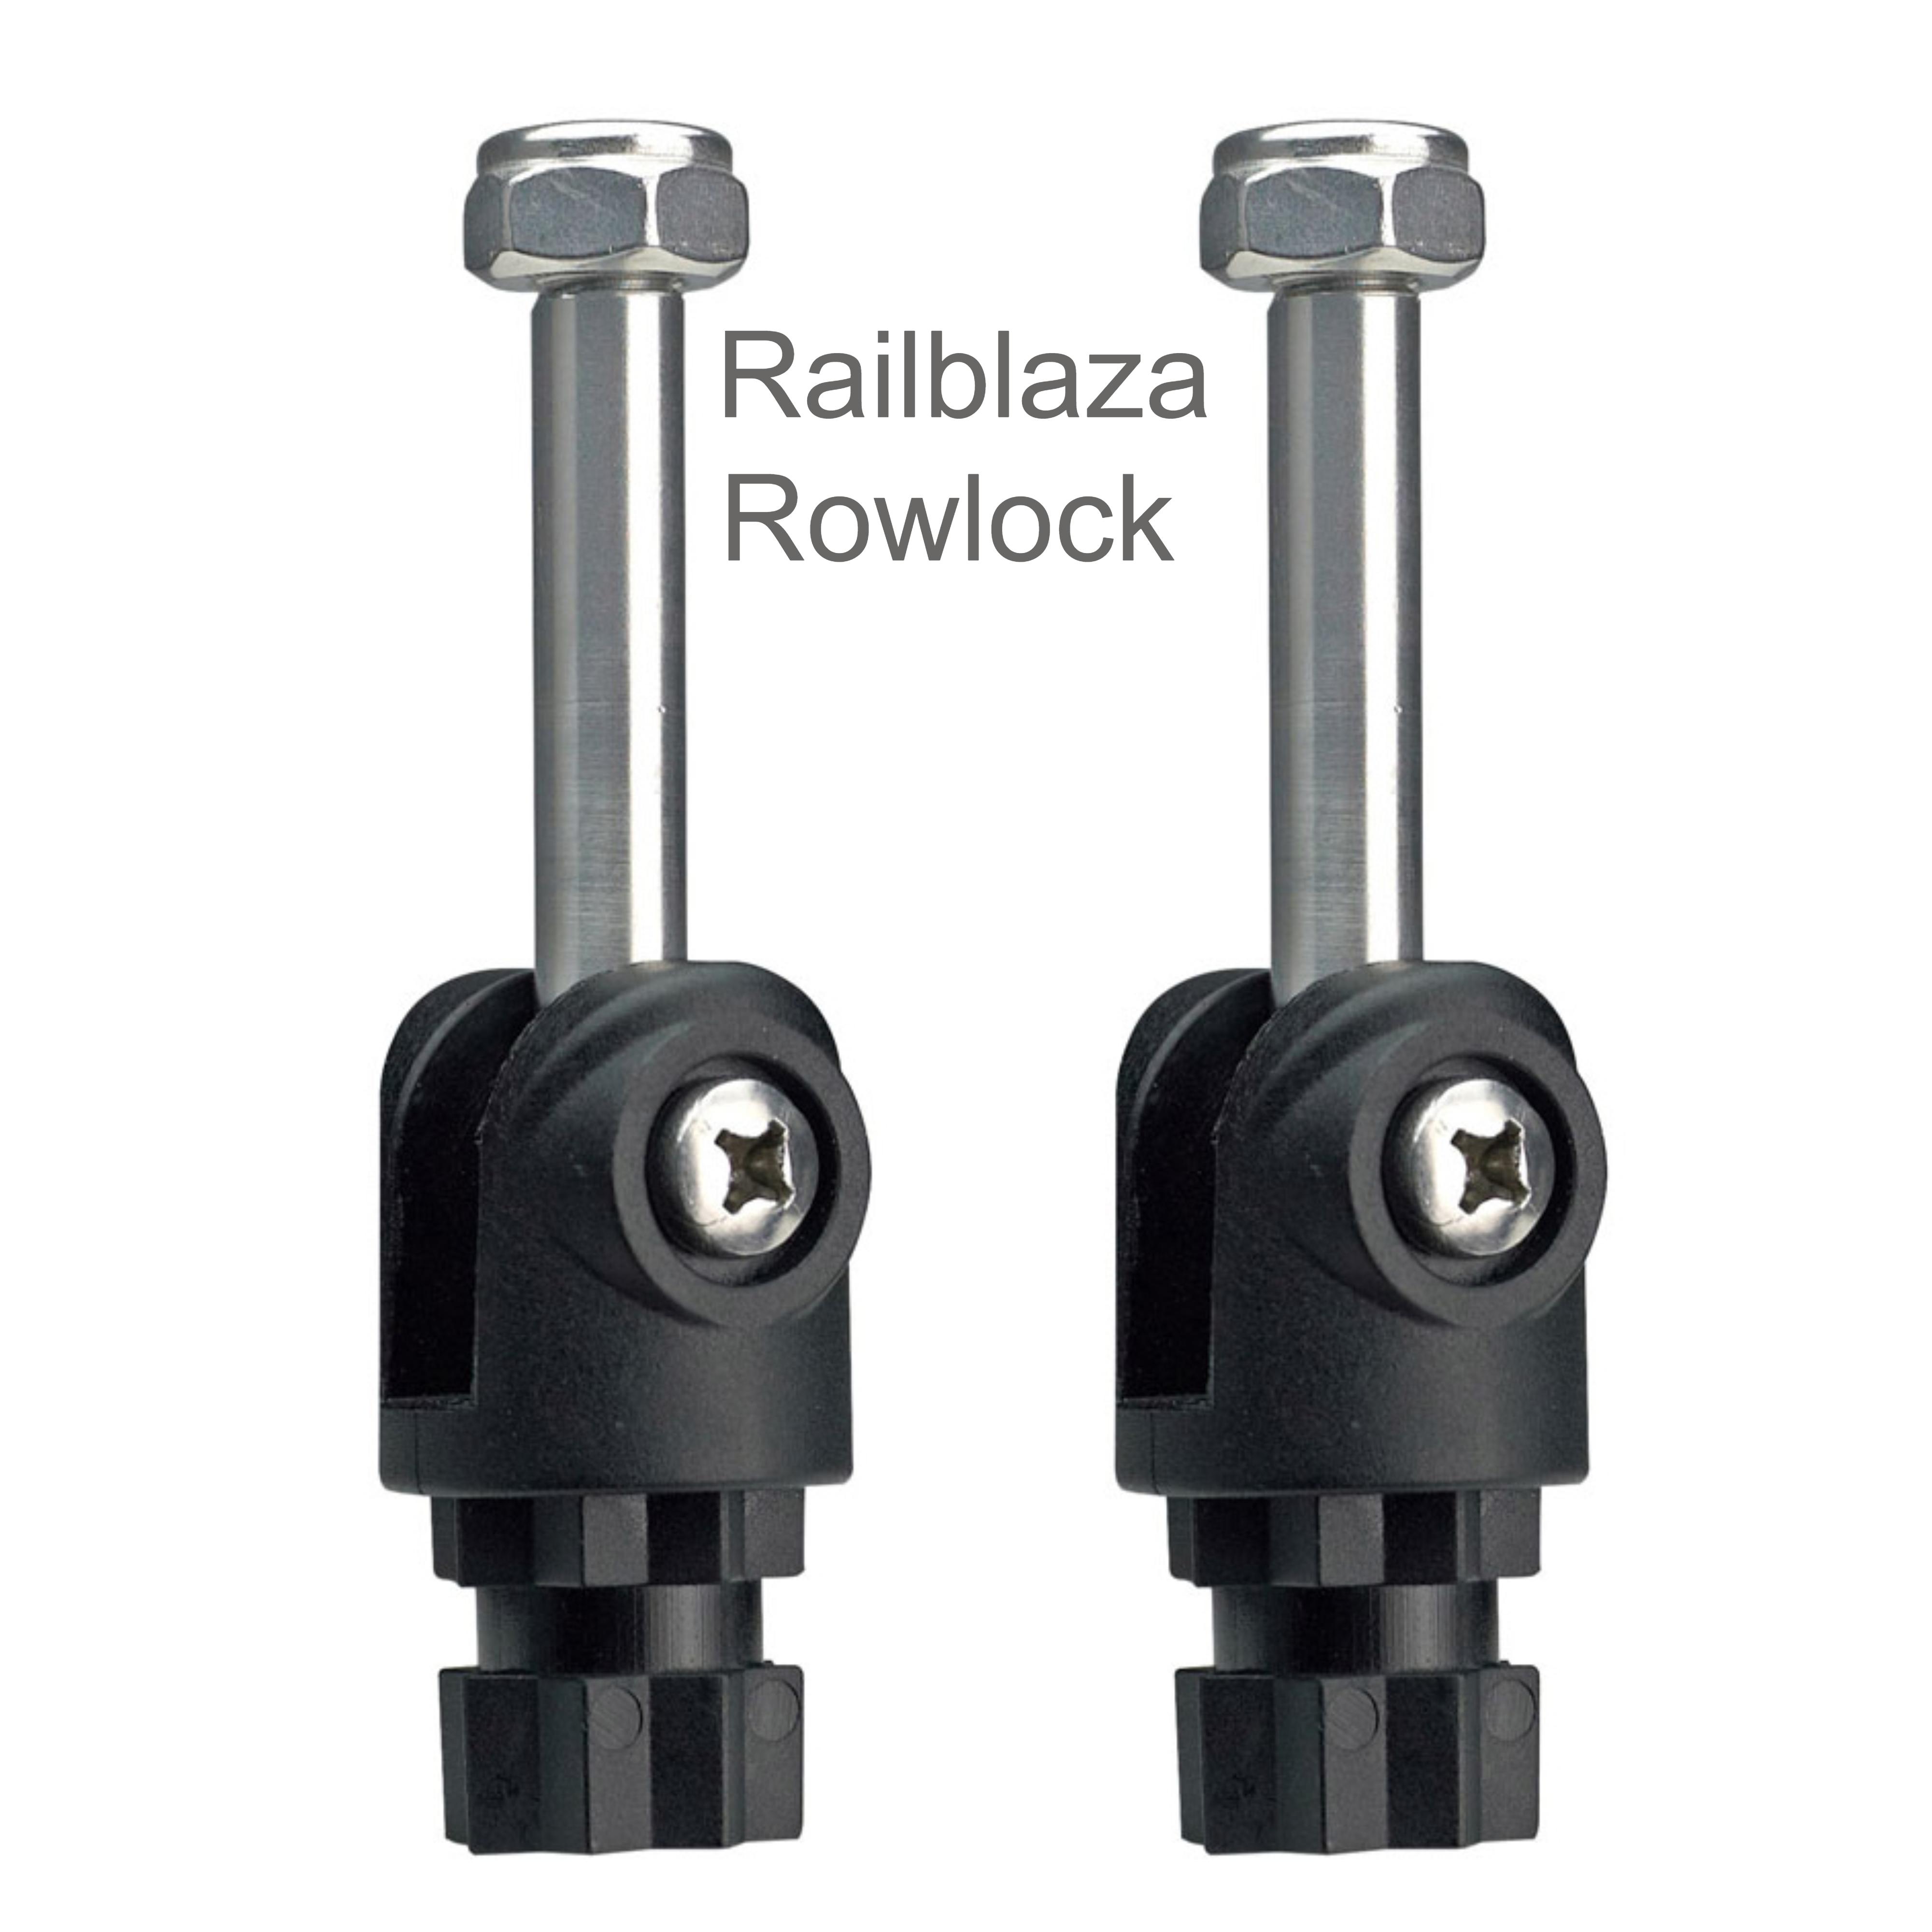 Railblaza Rowlock Pair|Removeble|Fits Aluminium Oars|For Boats-Black